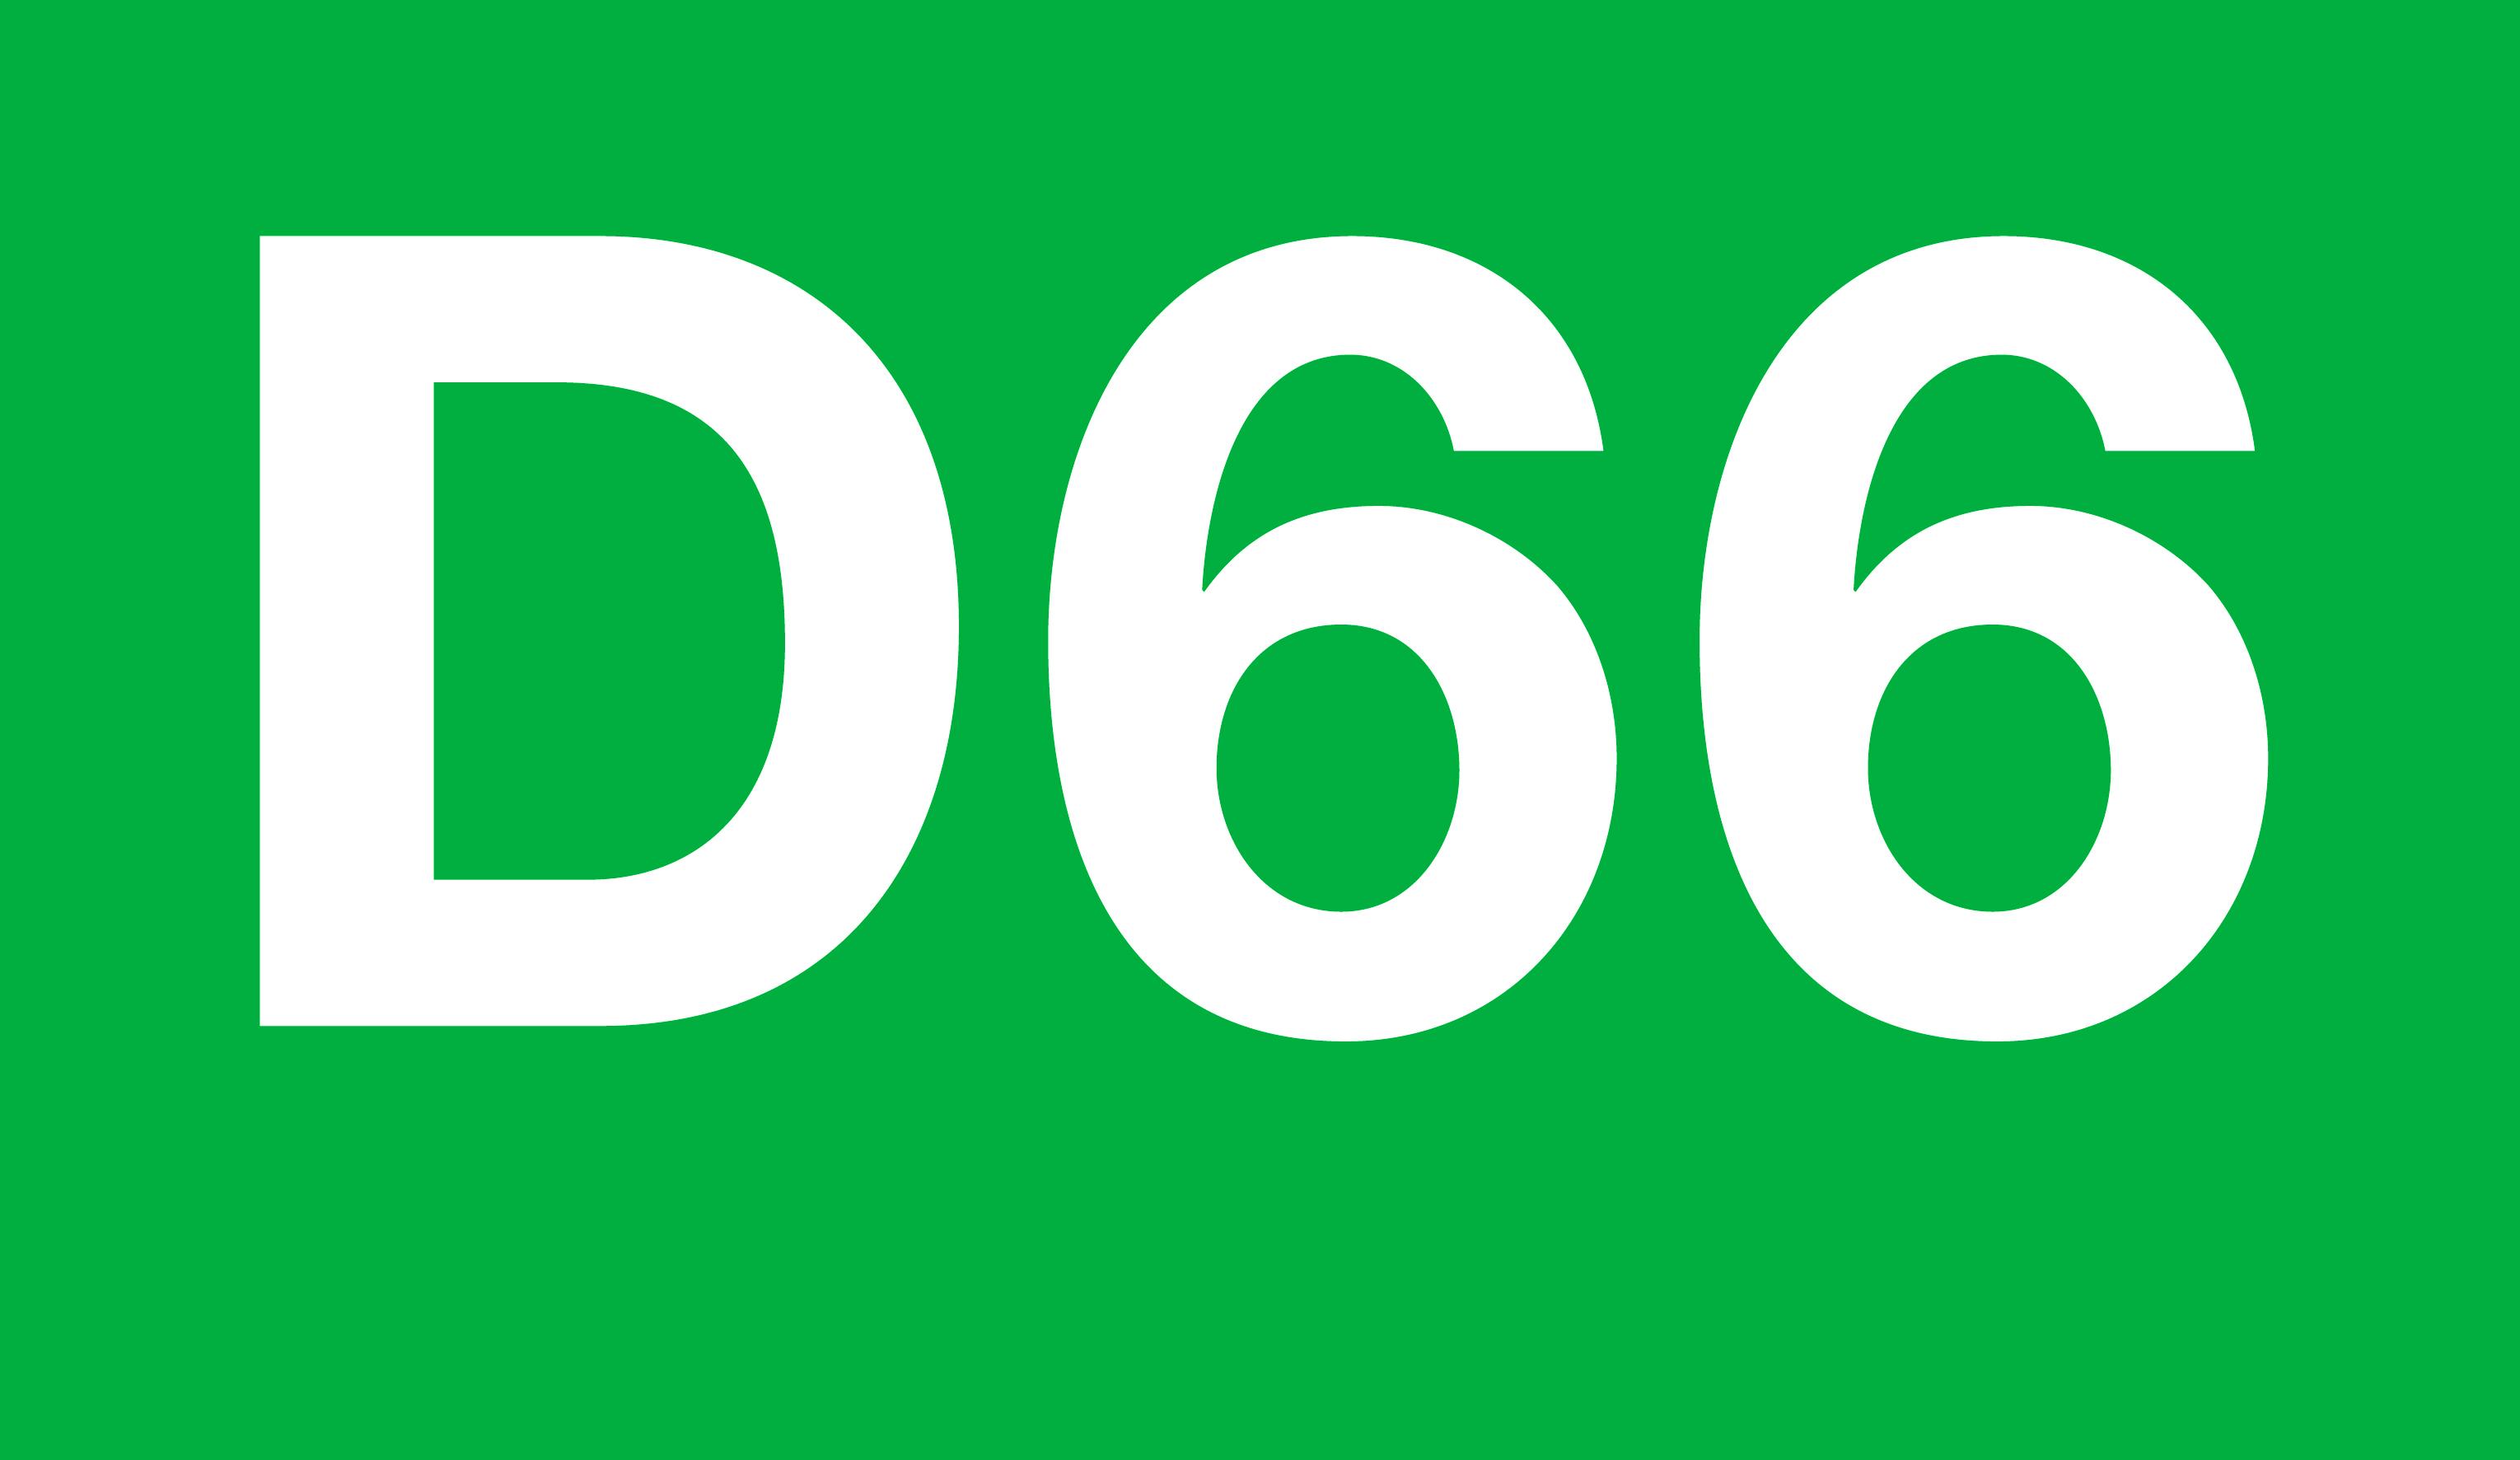 תוצאת תמונה עבור D66